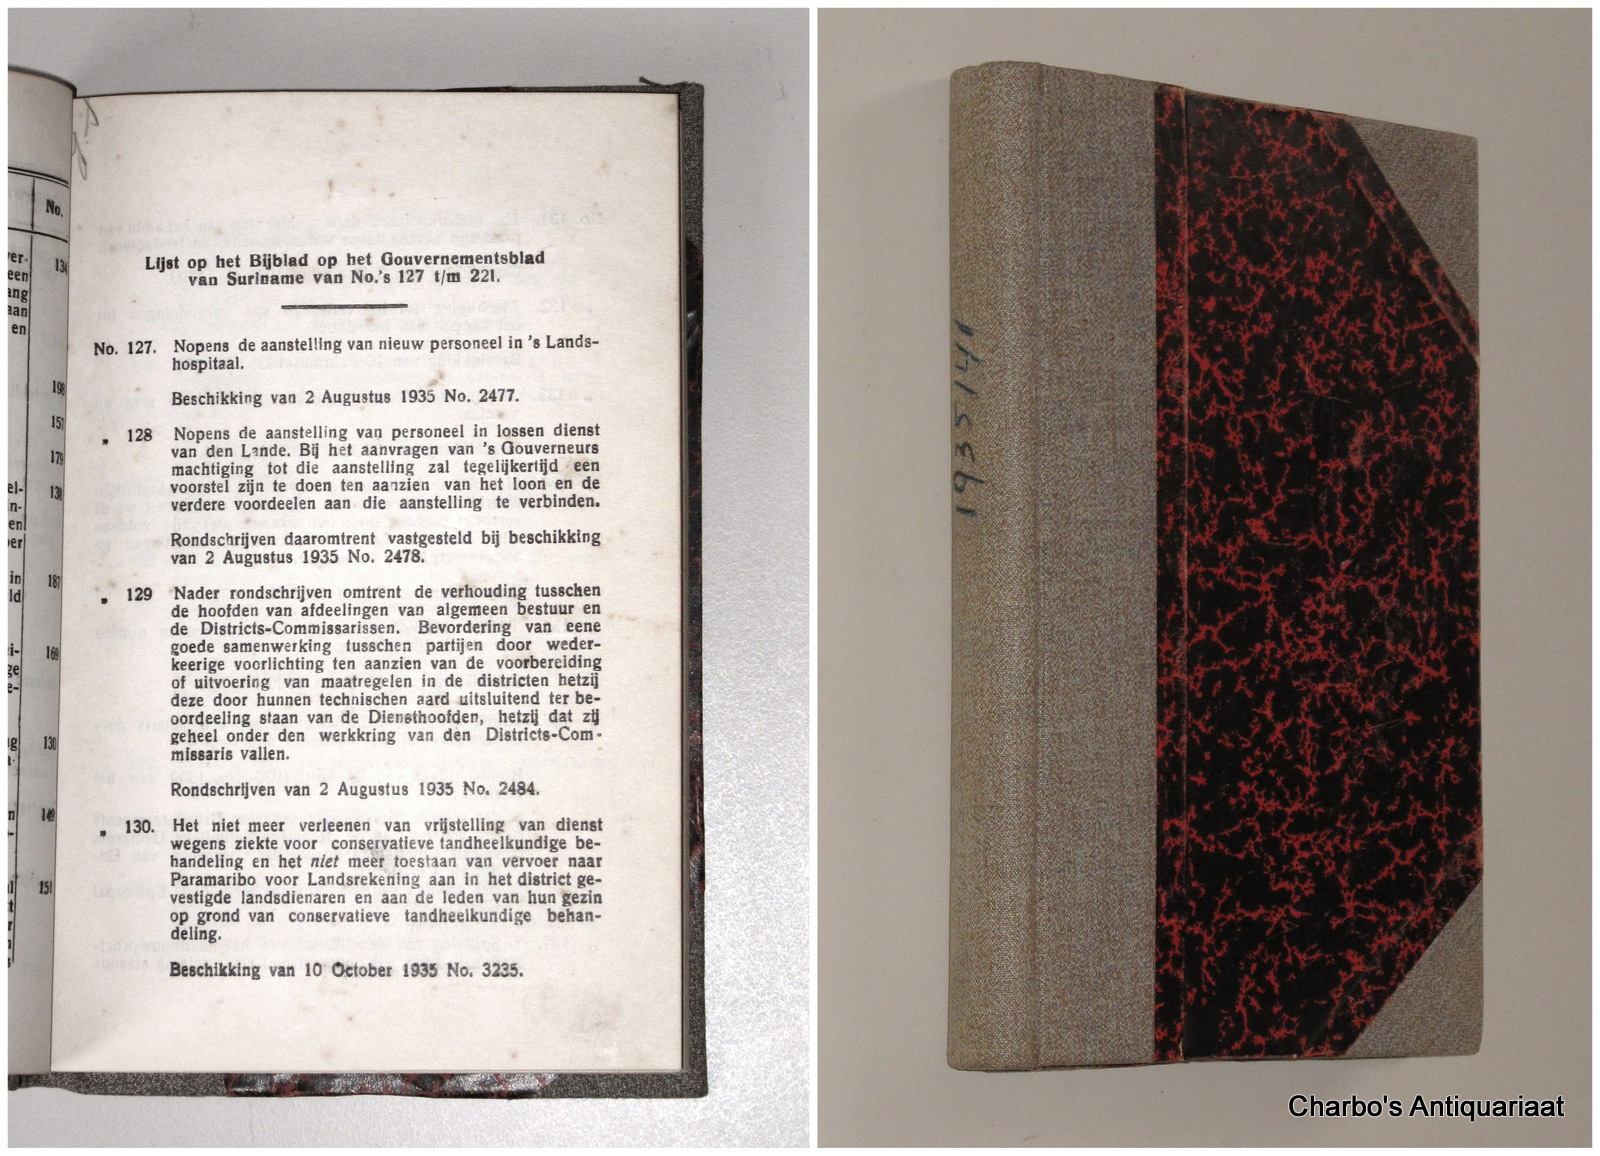 SURINAME. -  Bijblad op het Gouvernementsblad van Suriname van No.'s 127 t/m 221. (1935-1941).